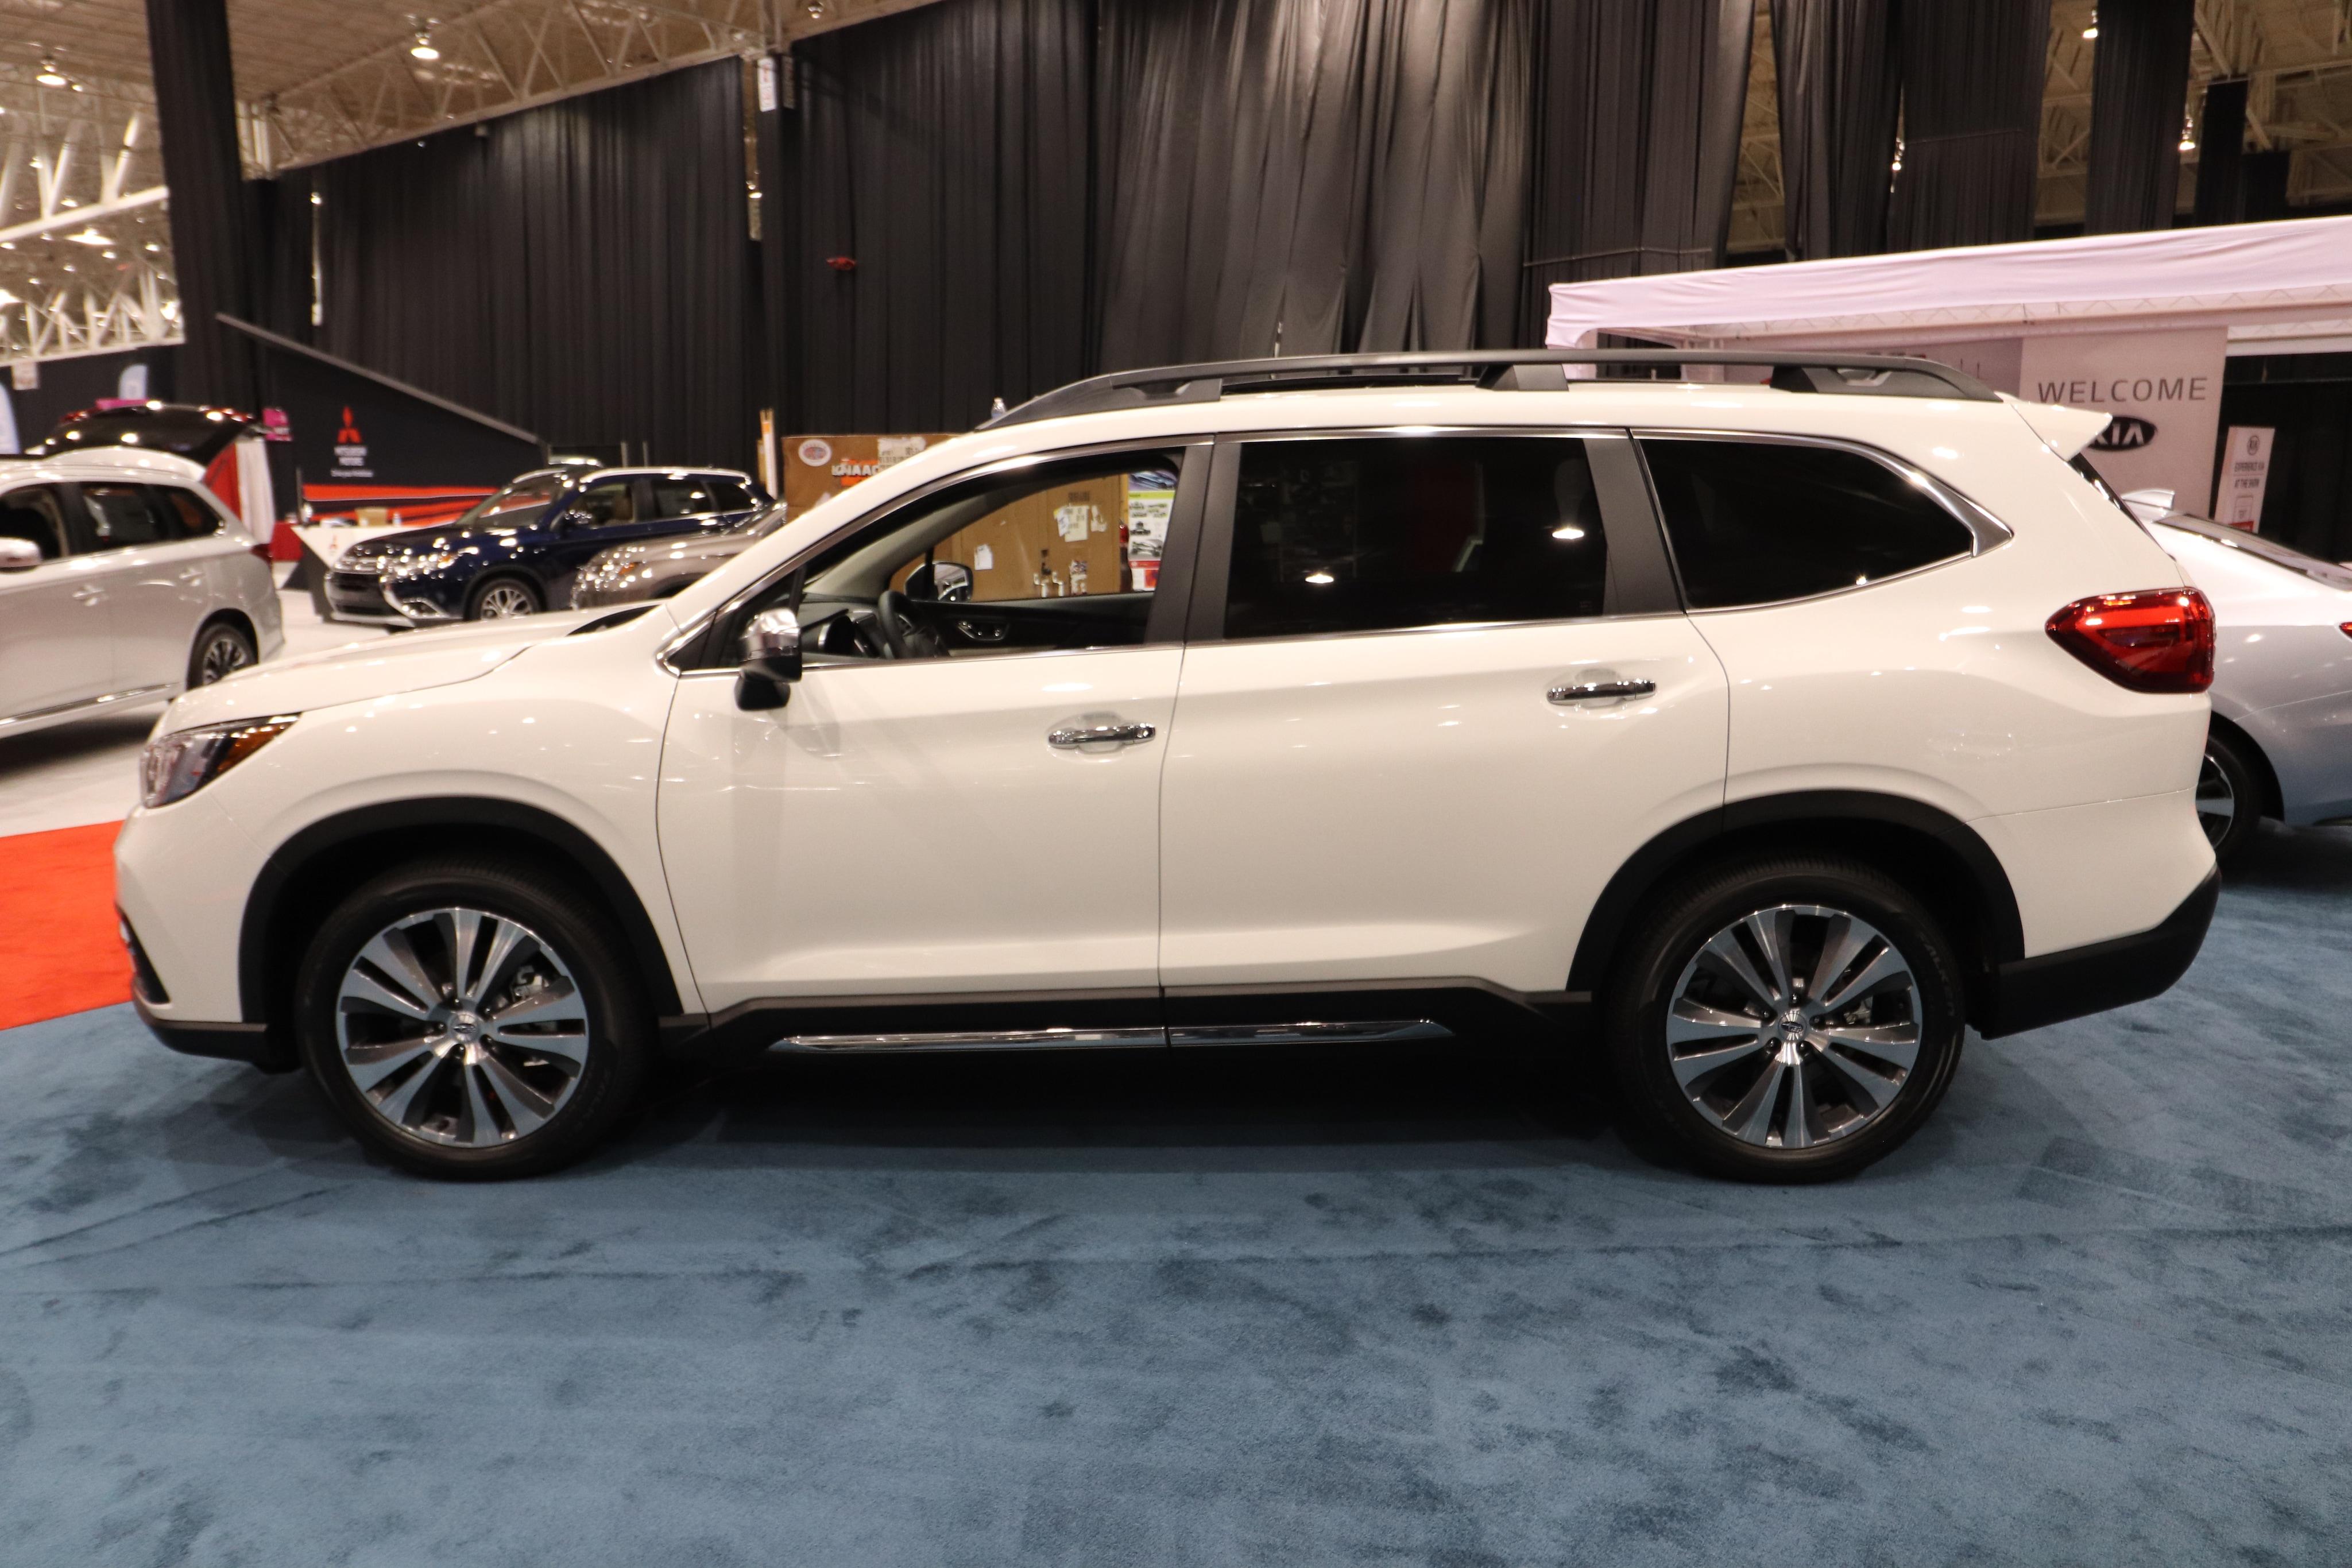 Waikem Subaru Subaru Ascent At The Cleveland Auto Show - Cleveland car show